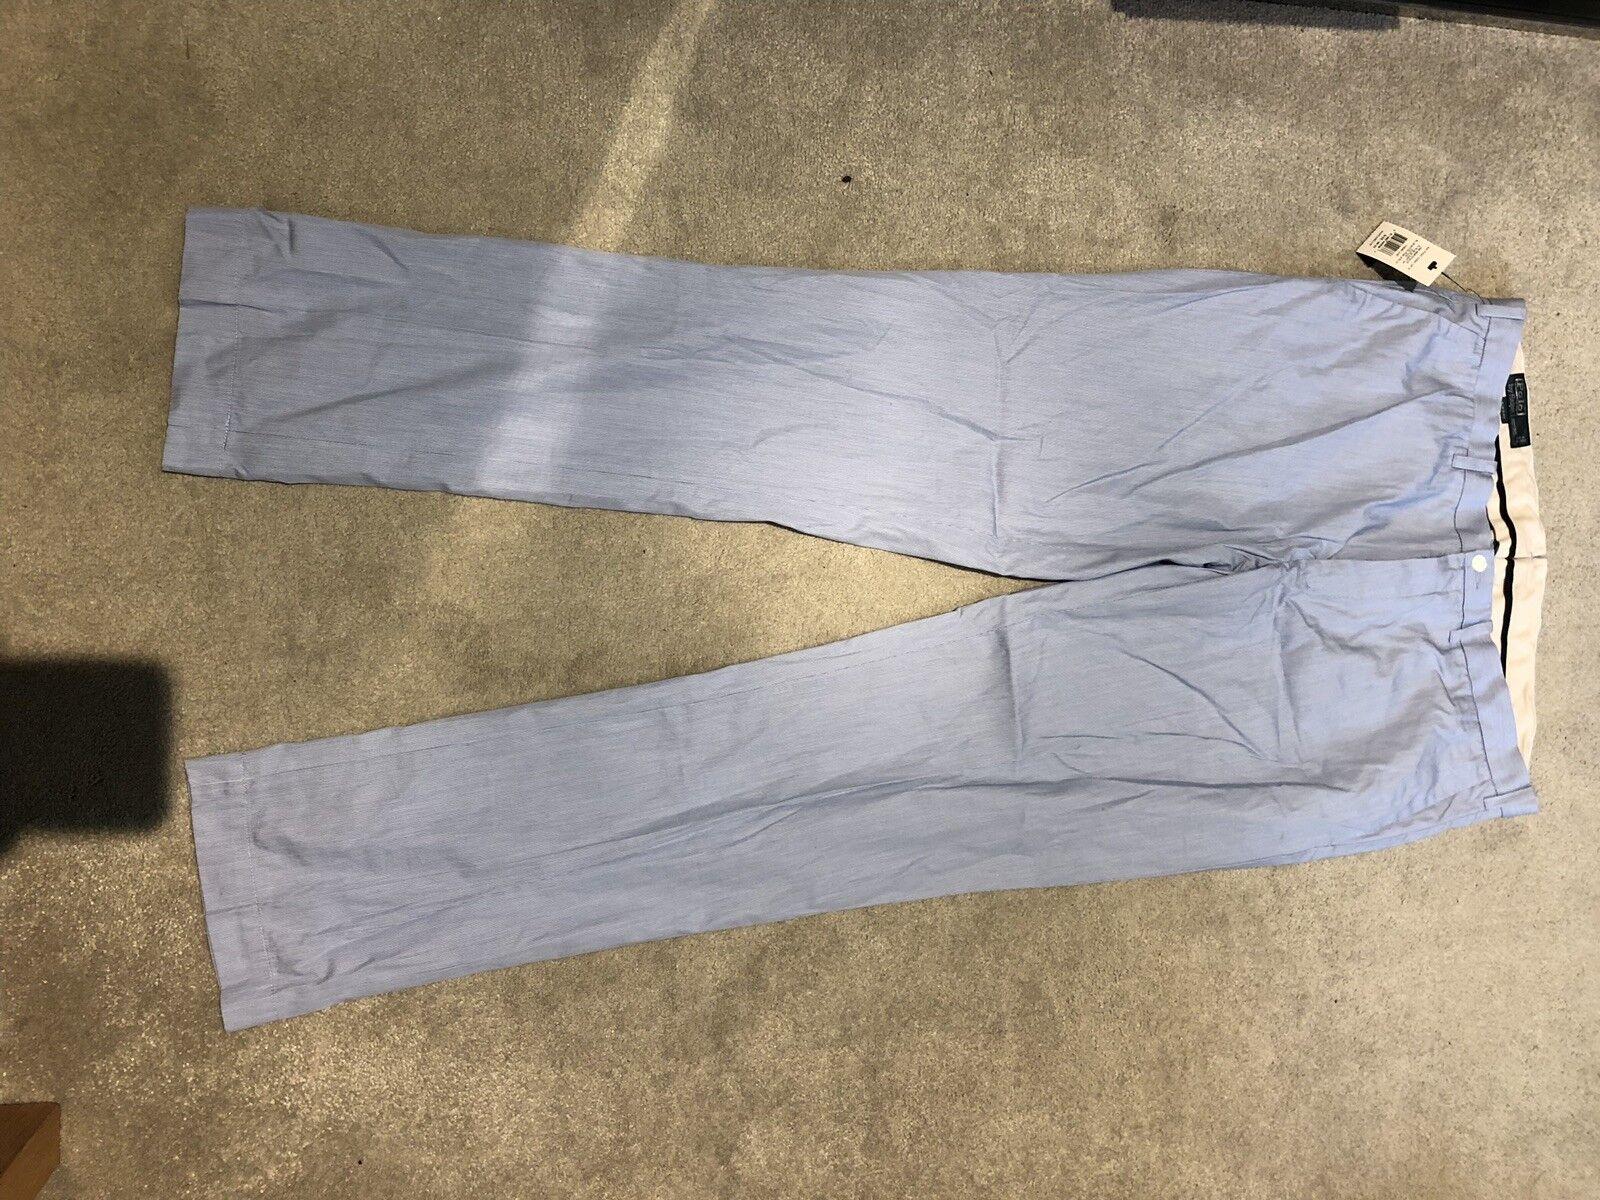 BNWT ralph lauren slim fit bleu/blanc Pantalon Pantalon bleu/blanc 36/34 53de7a